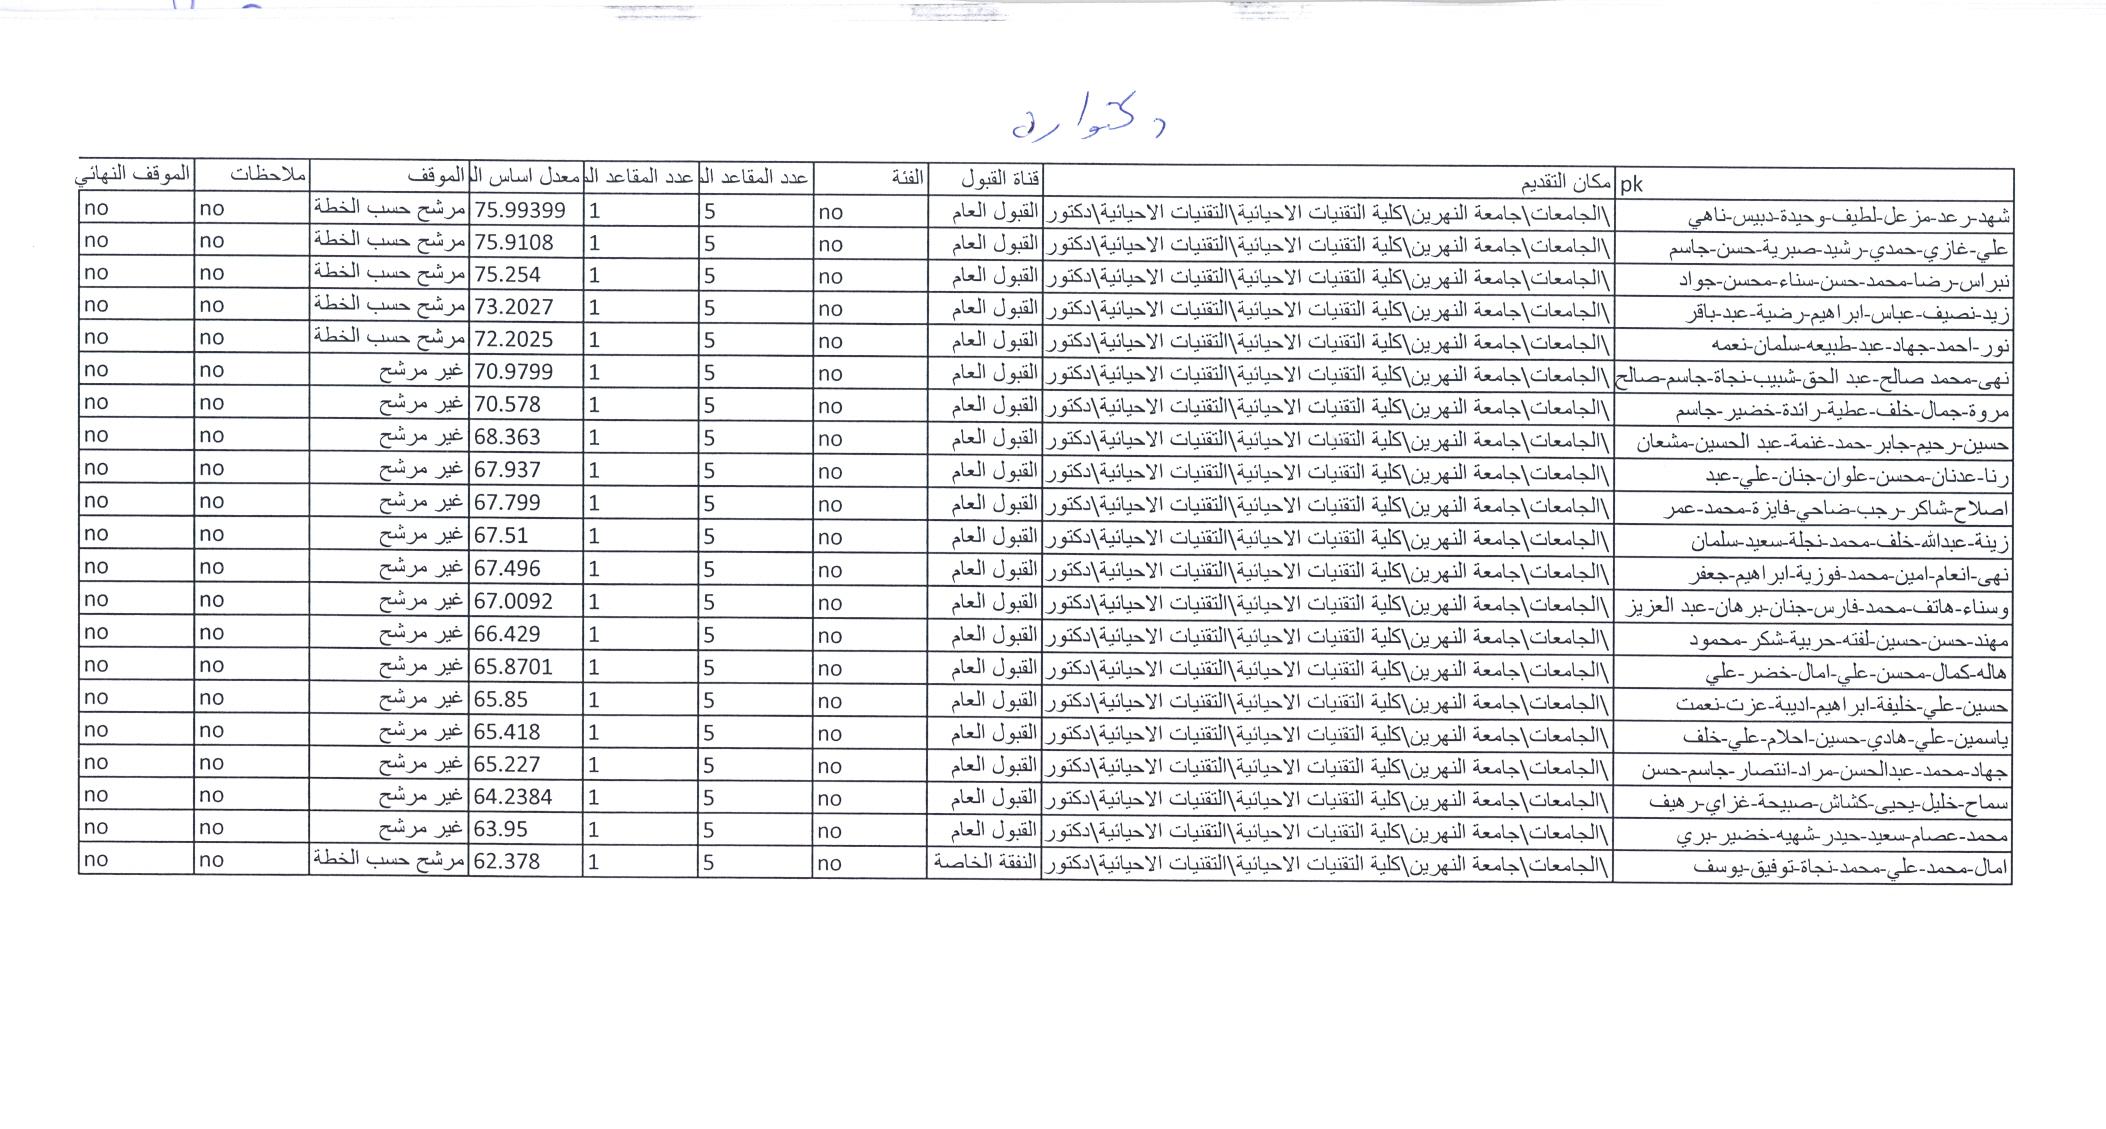 نتائج الامتحان التنافسي للدراسات العليا ( دكتوراه – ماجستير )